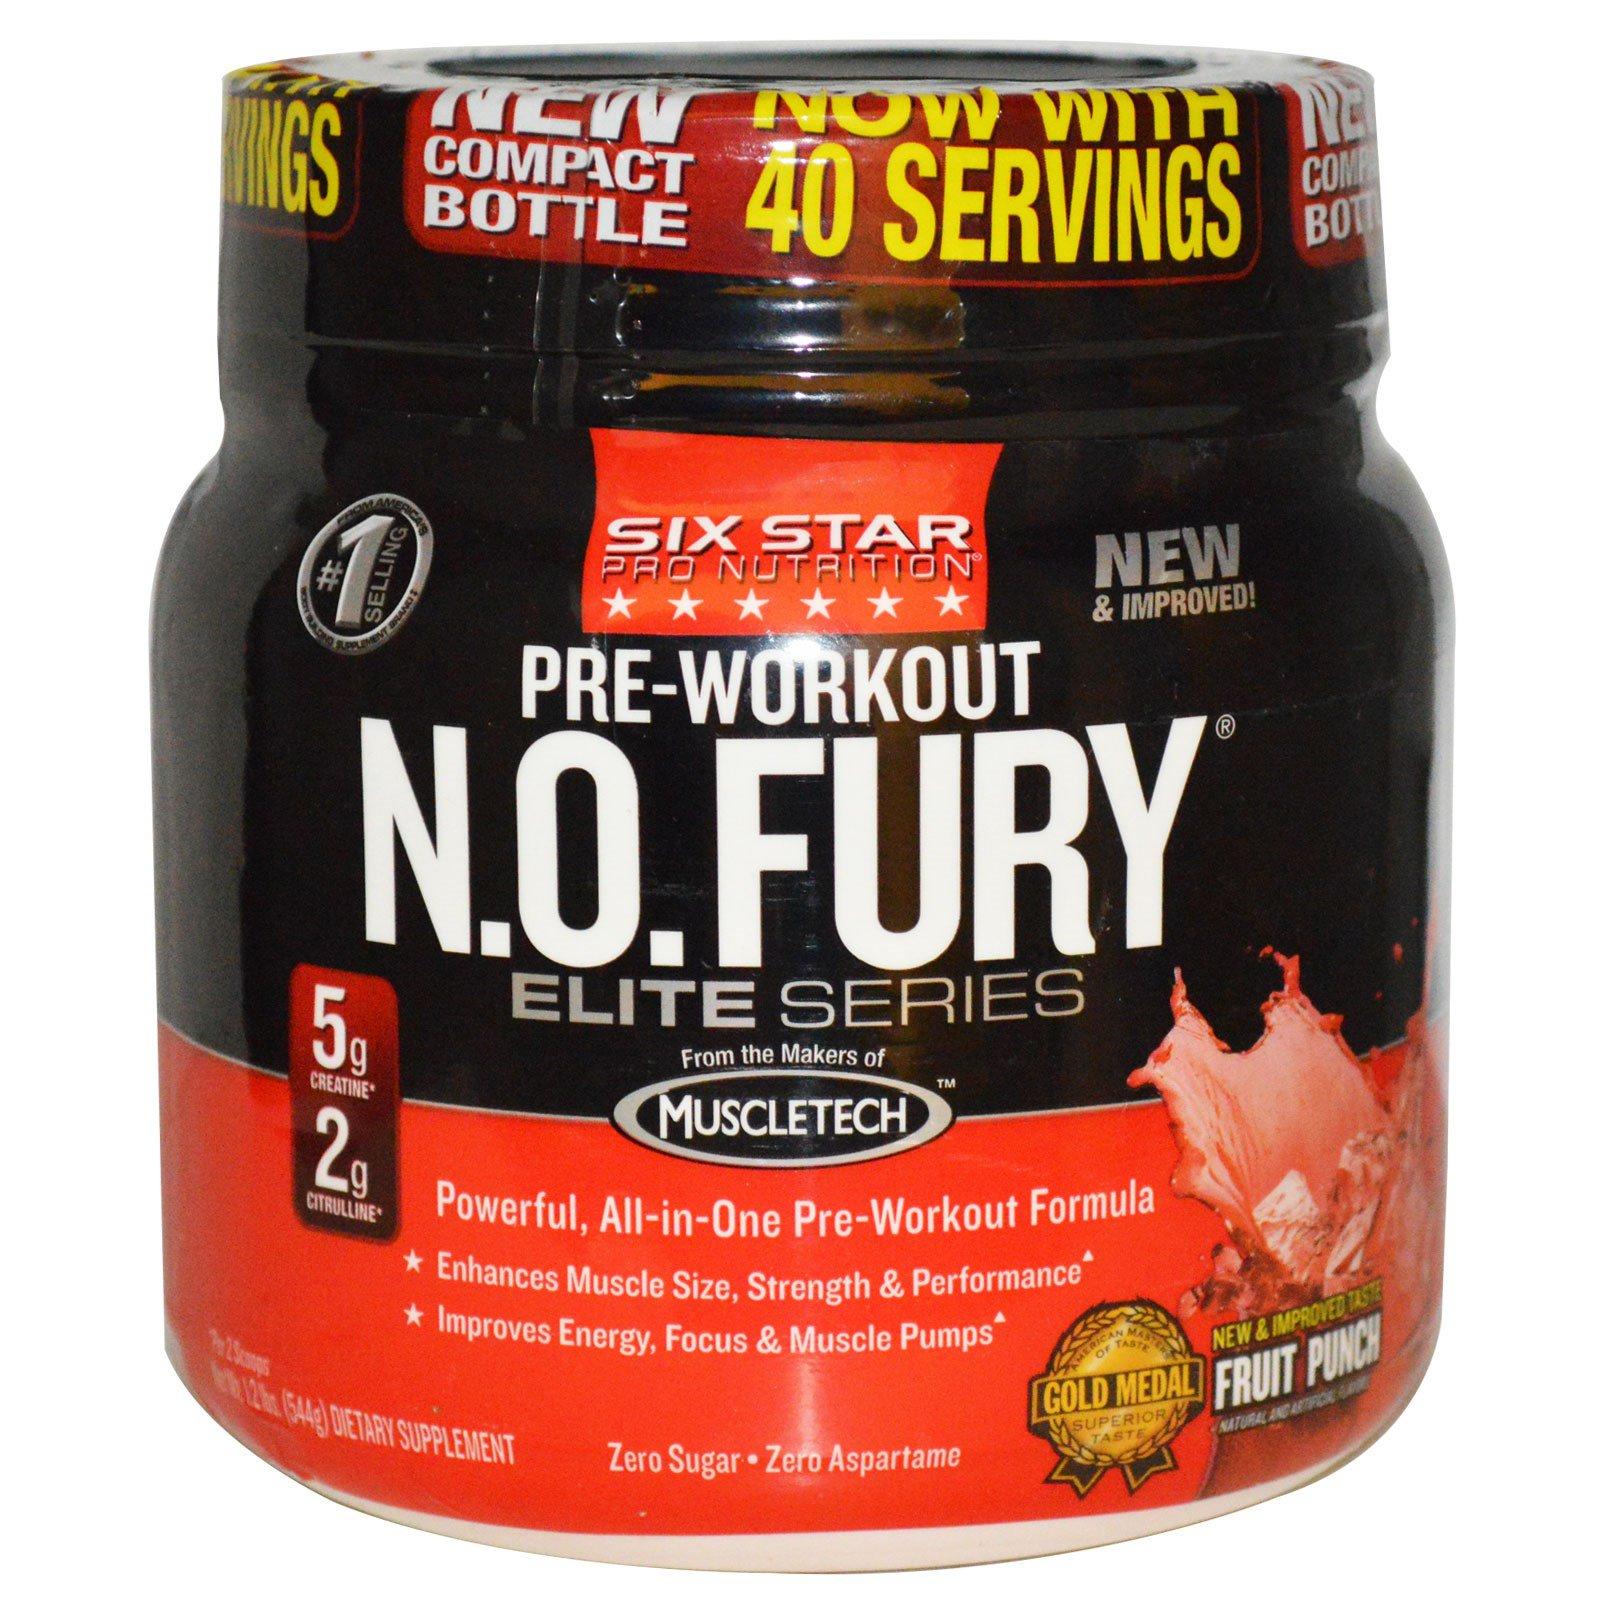 Six Star Pro Nutrition, N.O. Fury